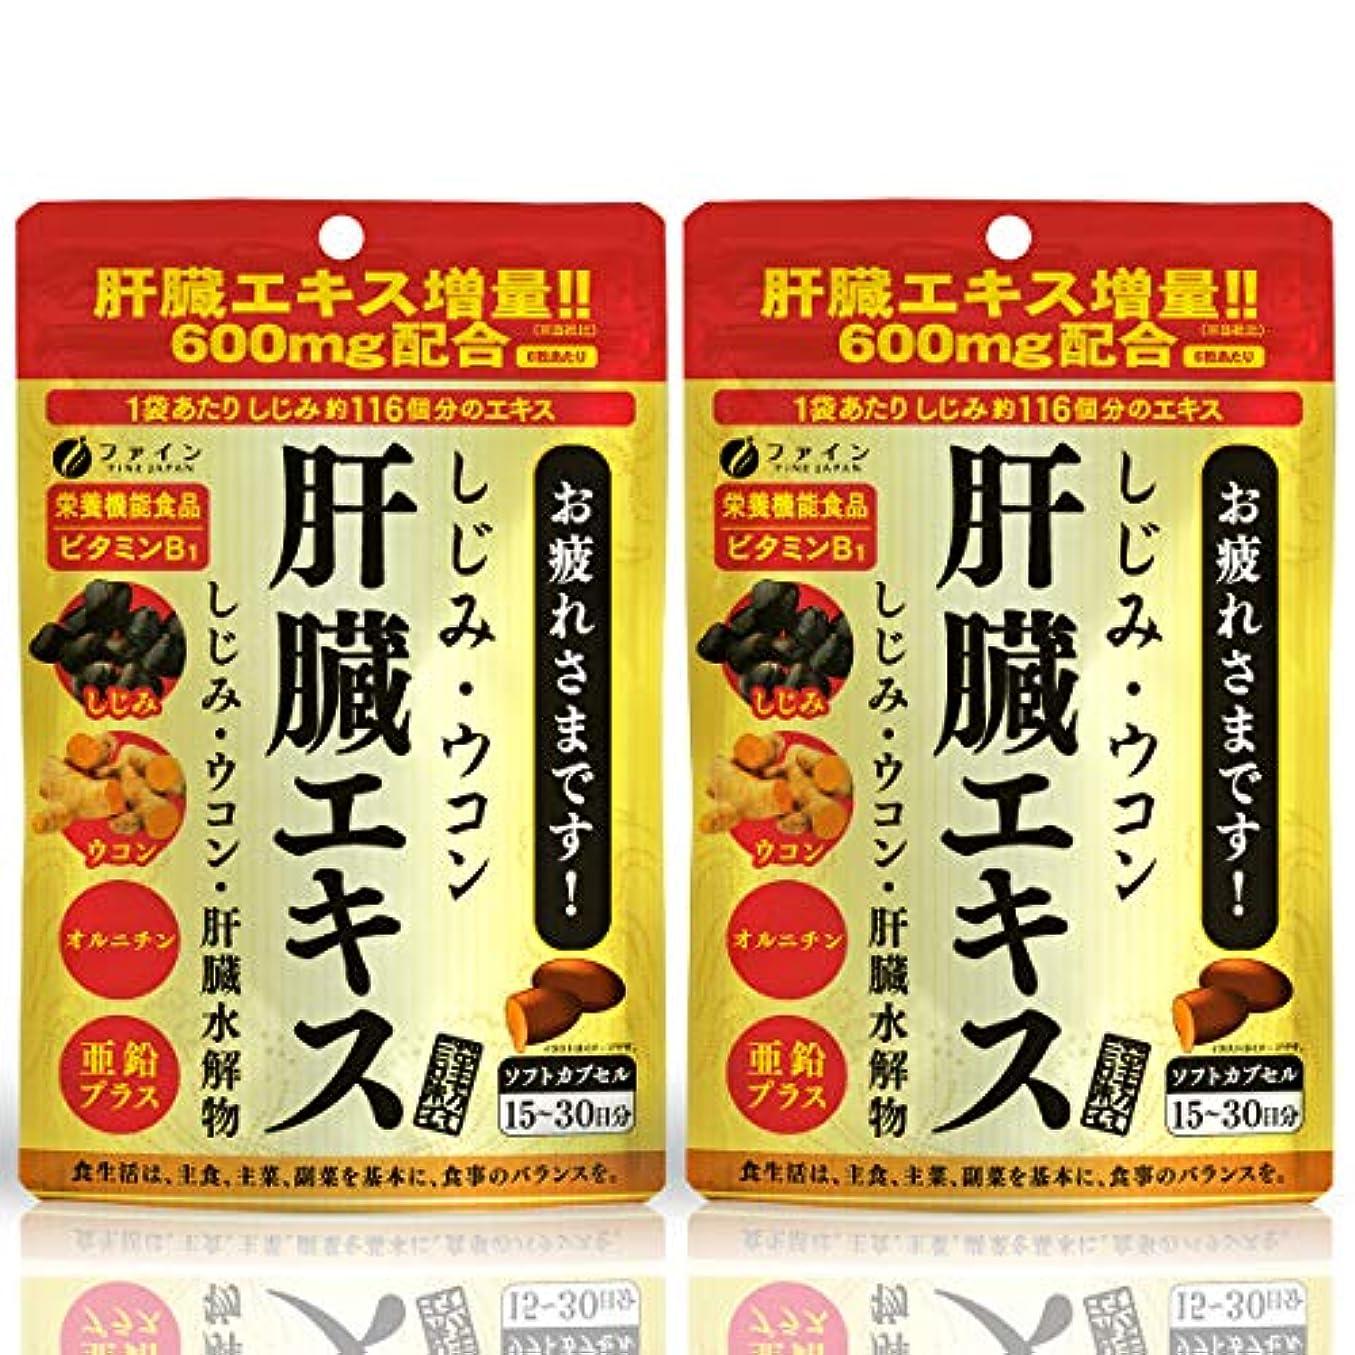 百窒息させる進化するファイン しじみウコン肝臓エキス 肝臓水解物 しじみエキス末 クルクミン オルニチン配合 (1日3~6粒/90粒入)×2個セット